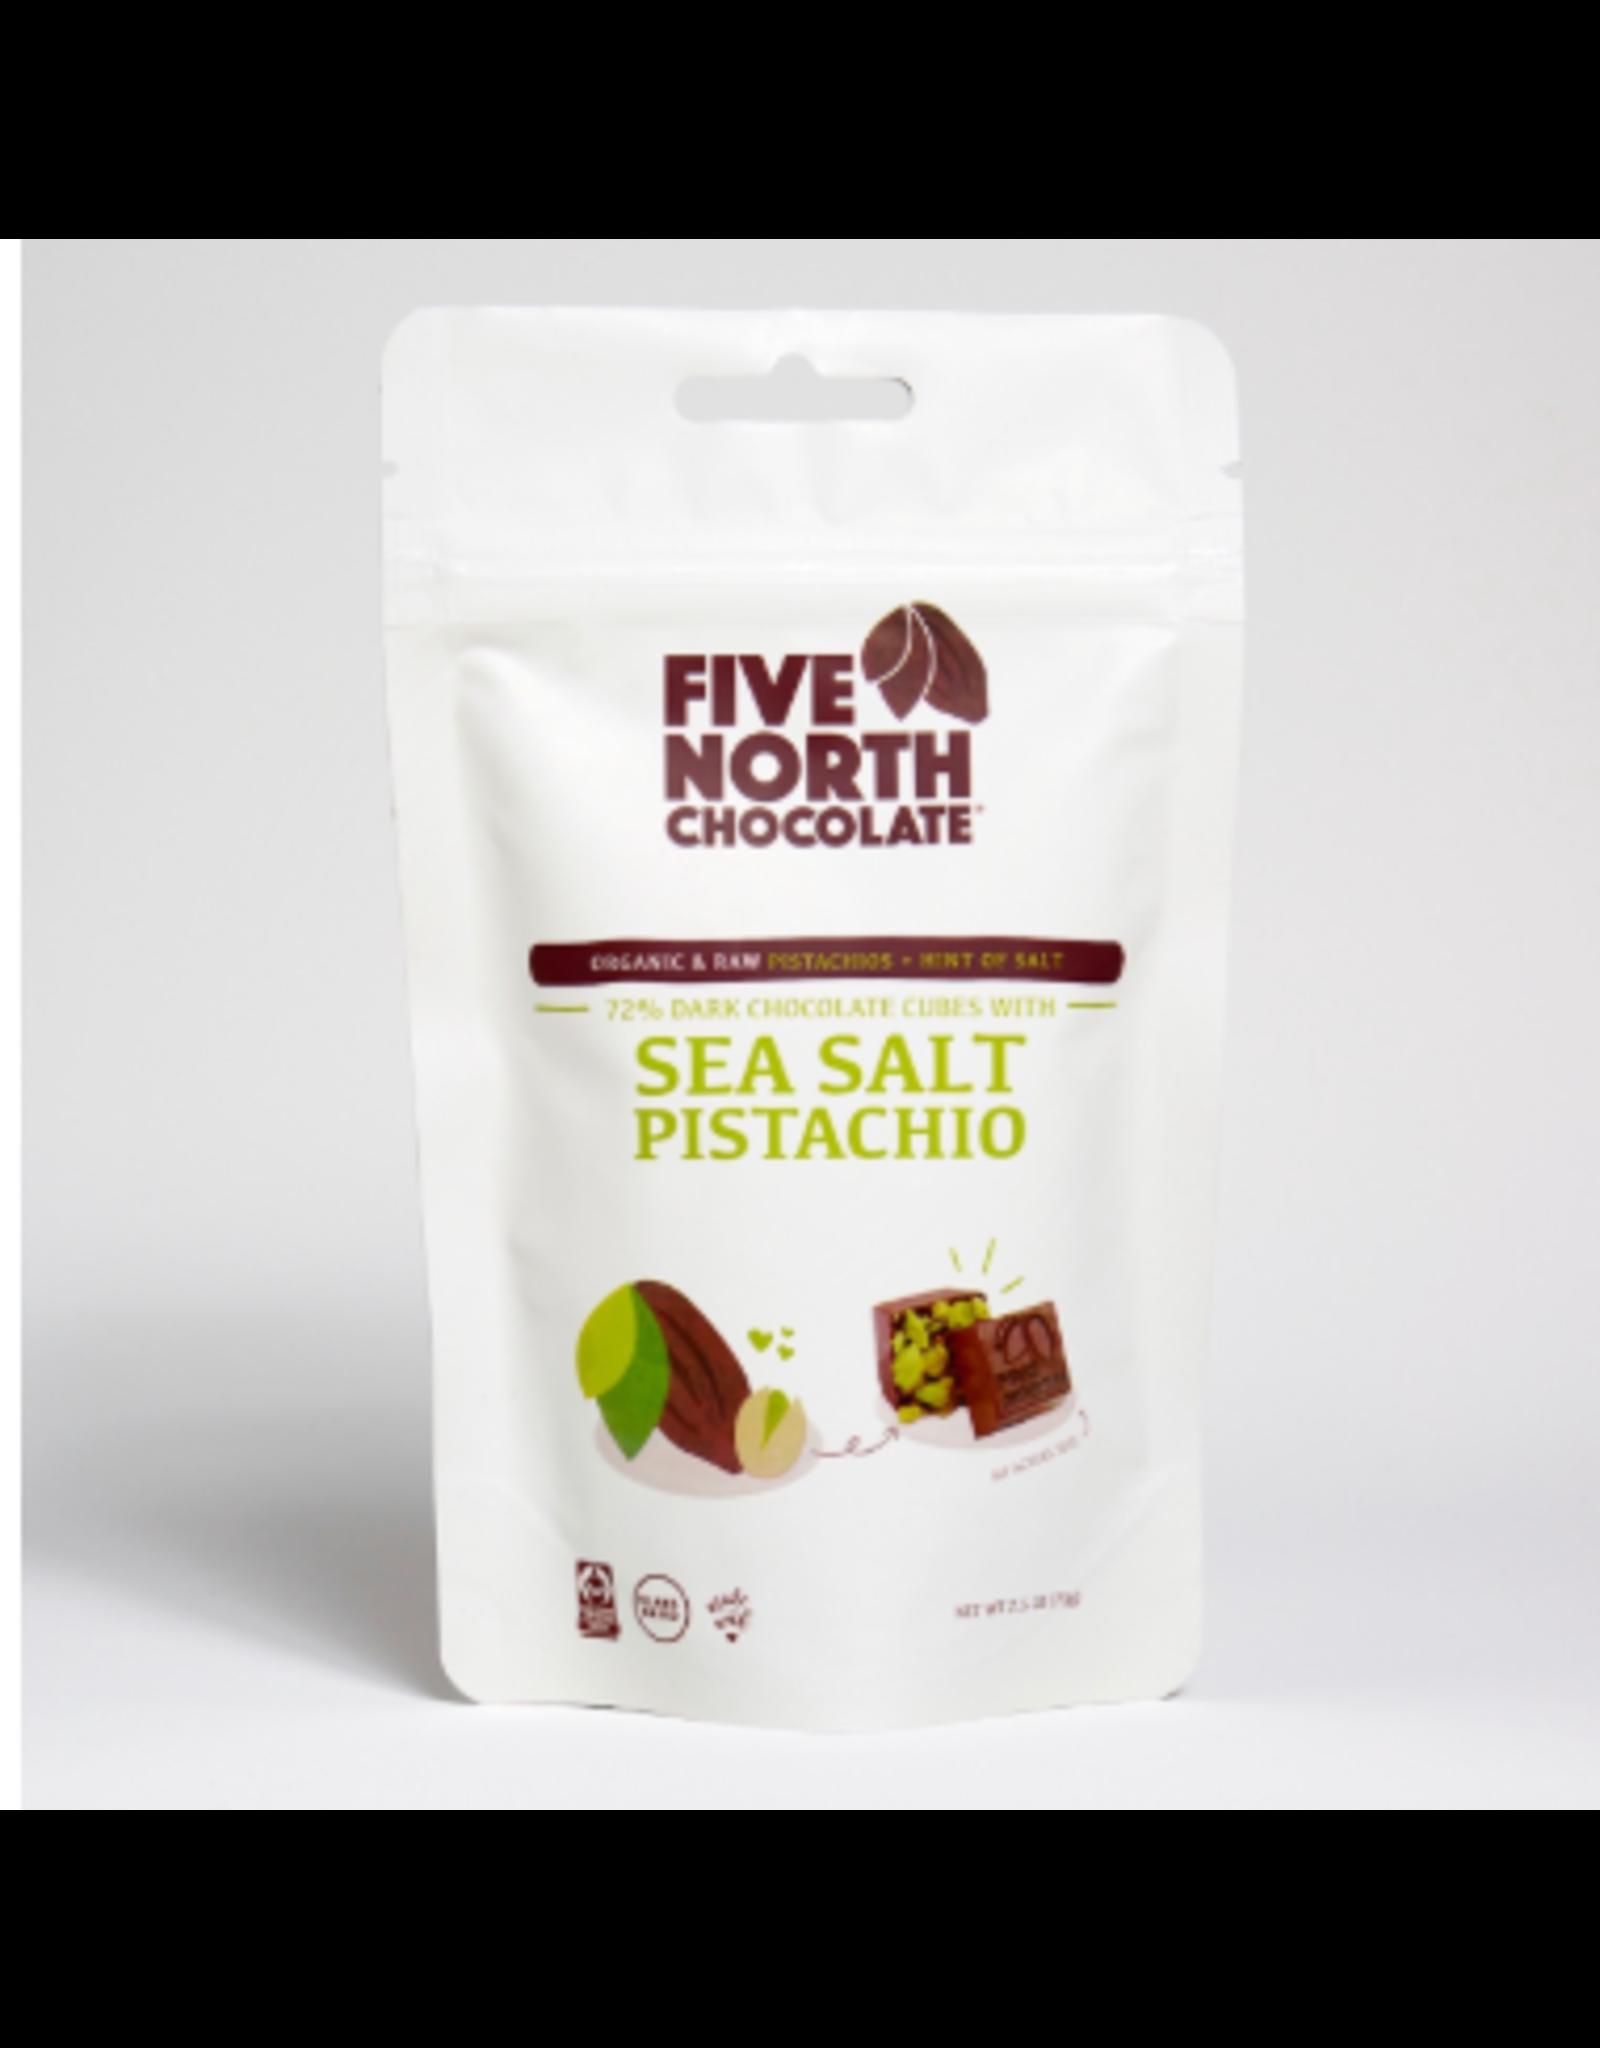 Sea Salt Pistachio Chocolate